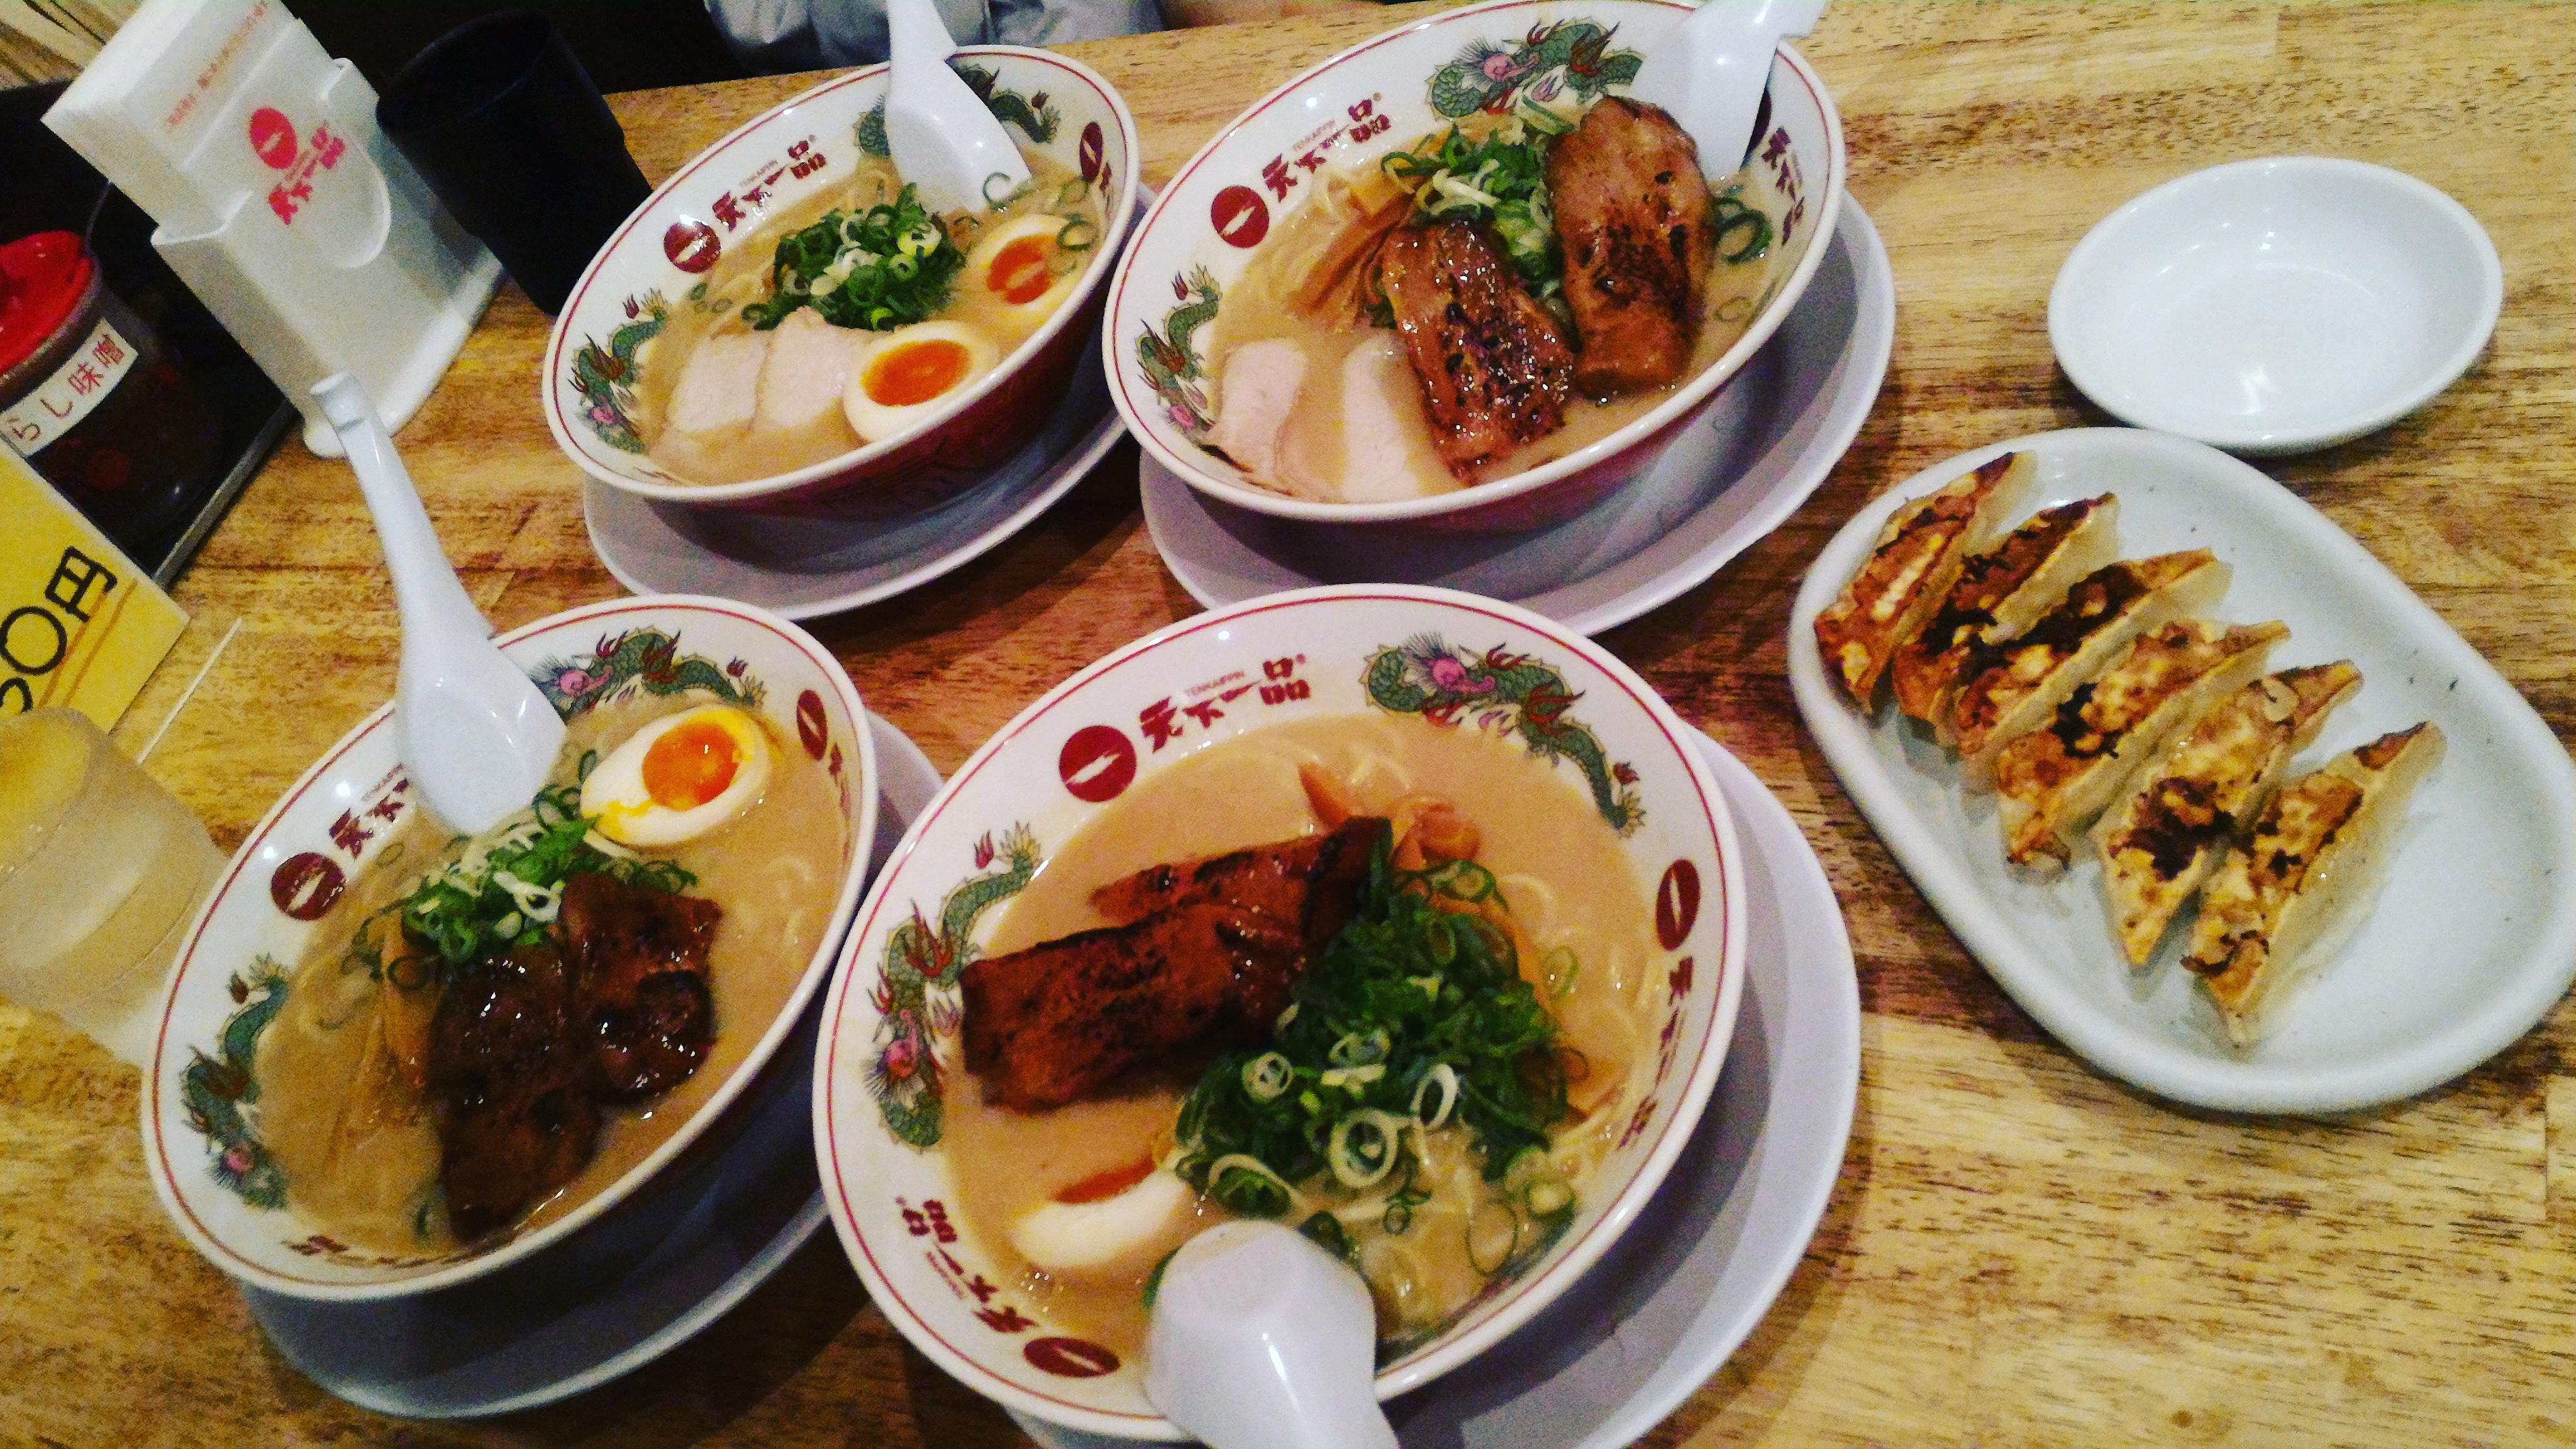 大阪自由行-大阪景點-大阪必買-不需精緻的Fine dining,簡簡單單吃個高質的拉麵就夠了